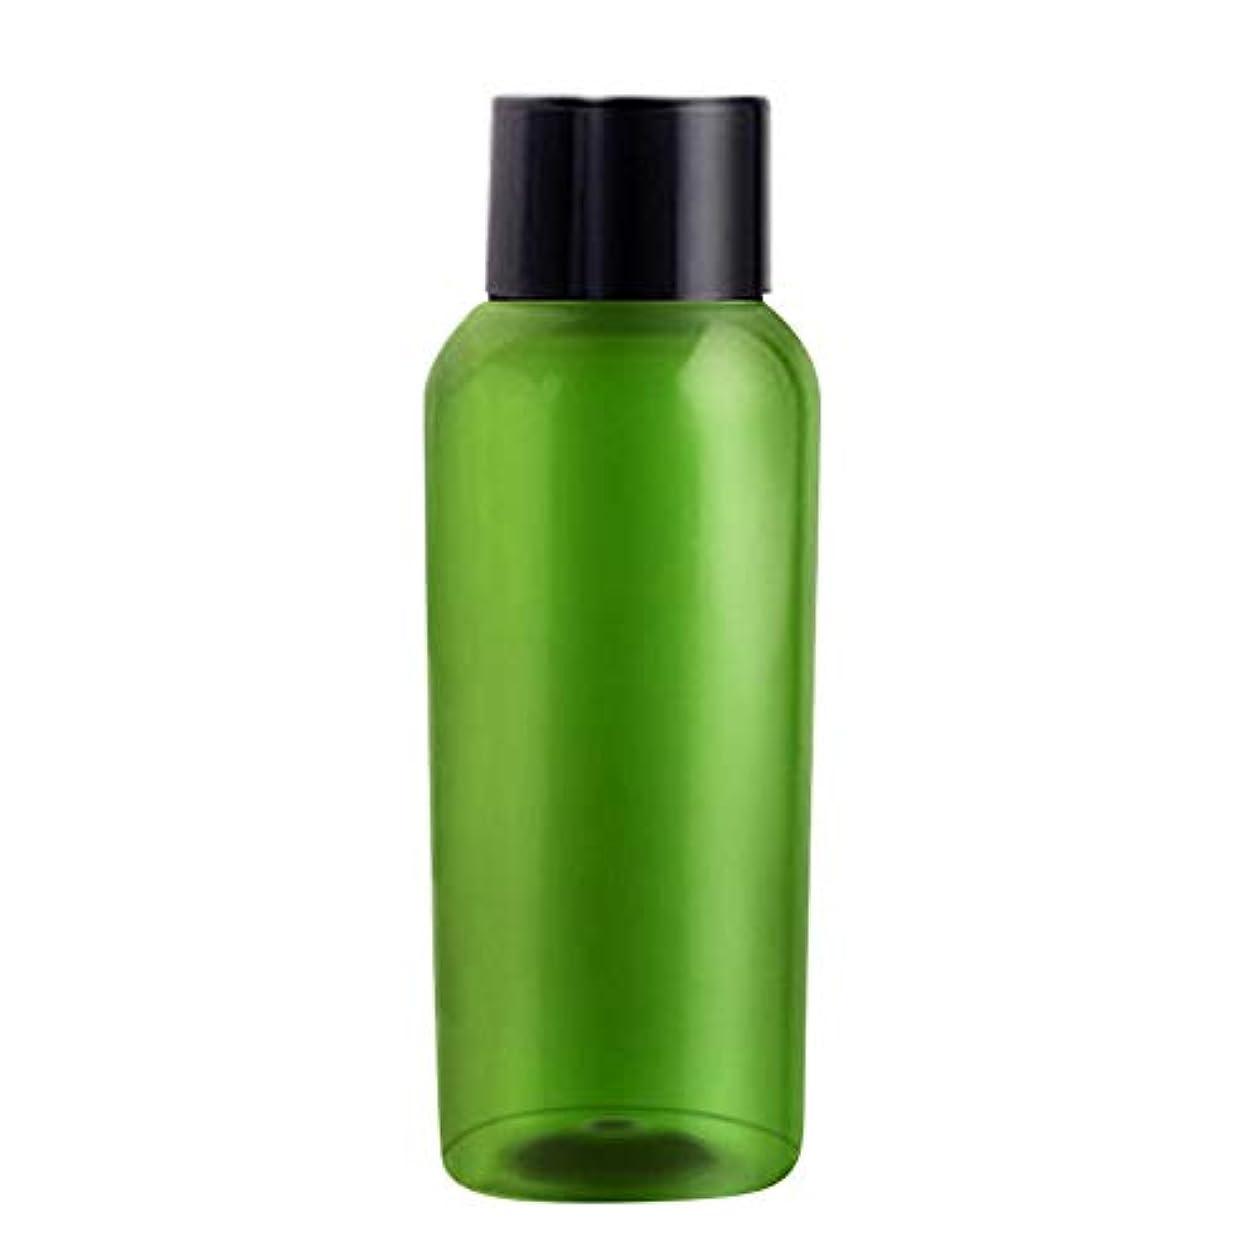 信者ボット平野50ML分けボトル 詰替ボトル 化粧品ボトル 遮光瓶 出張?海外旅行用 収納 携帯便利 4本セット シャンプー?エマルジョン?化粧水ボトル シリコン製